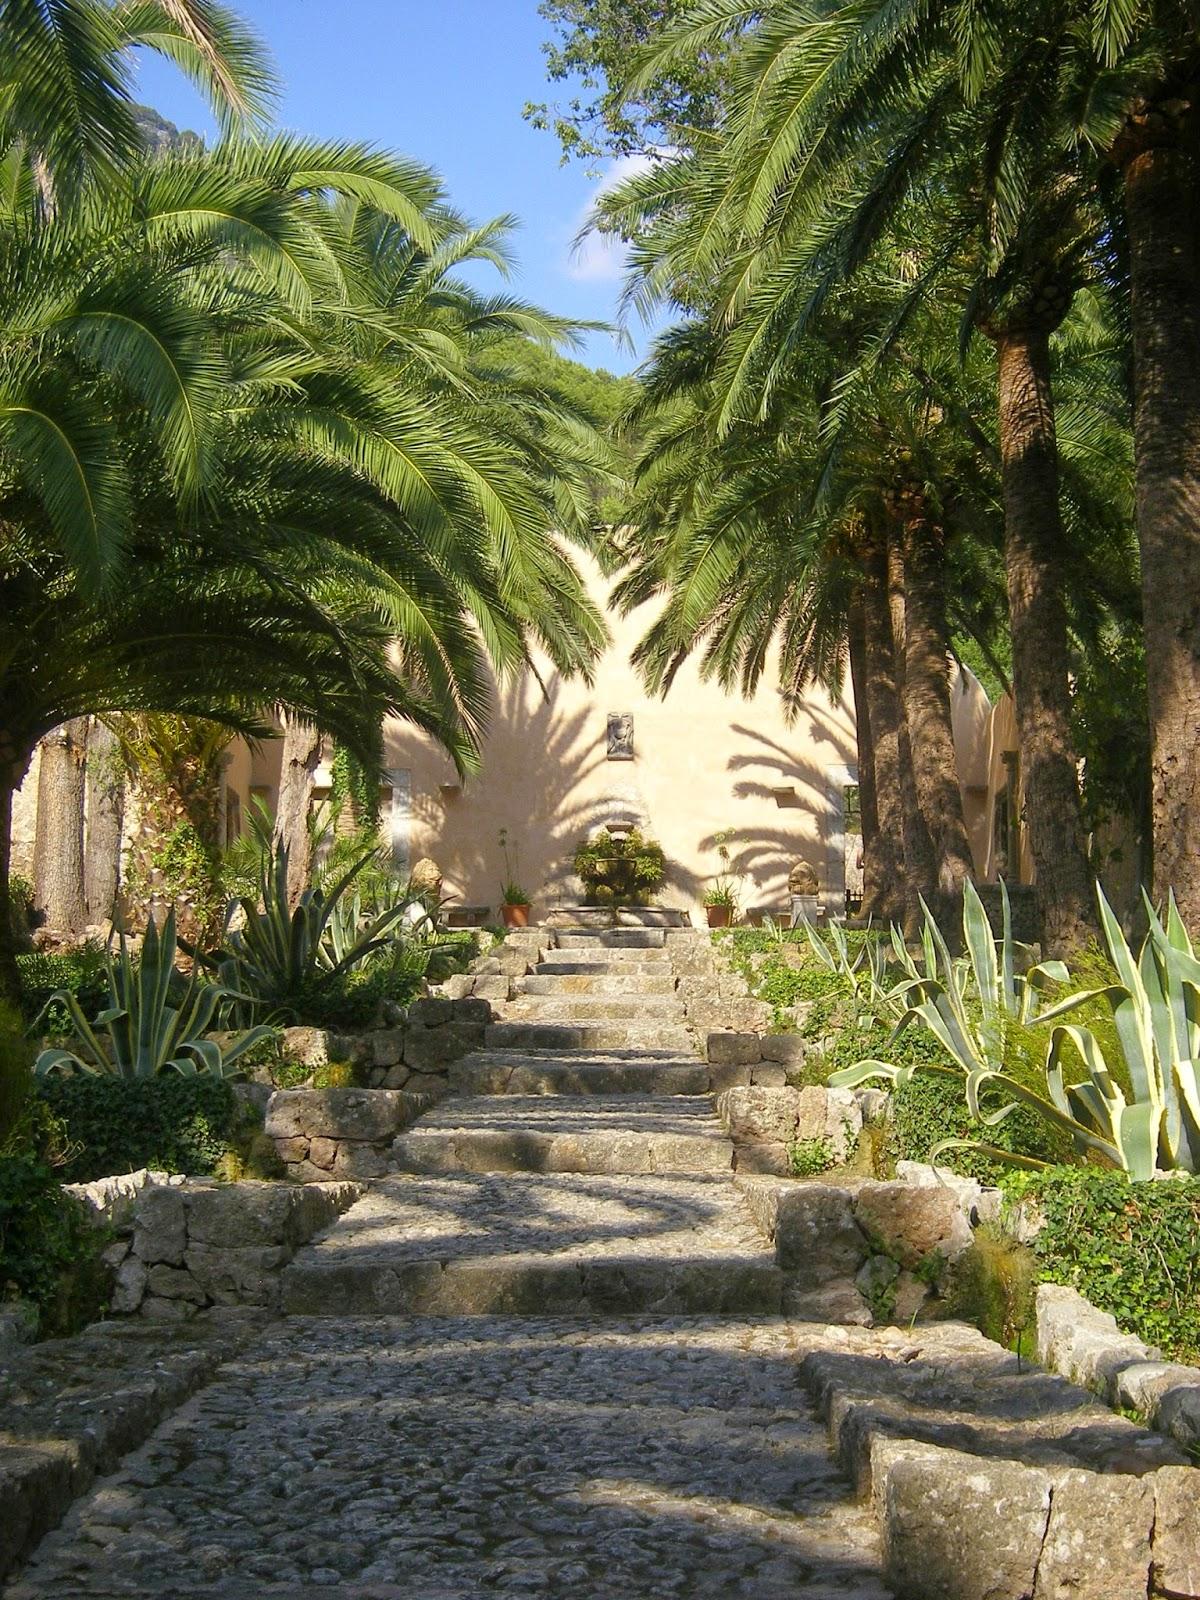 Lange nach oben führende Treppe die von Palmen und Blumen gesäumt wird